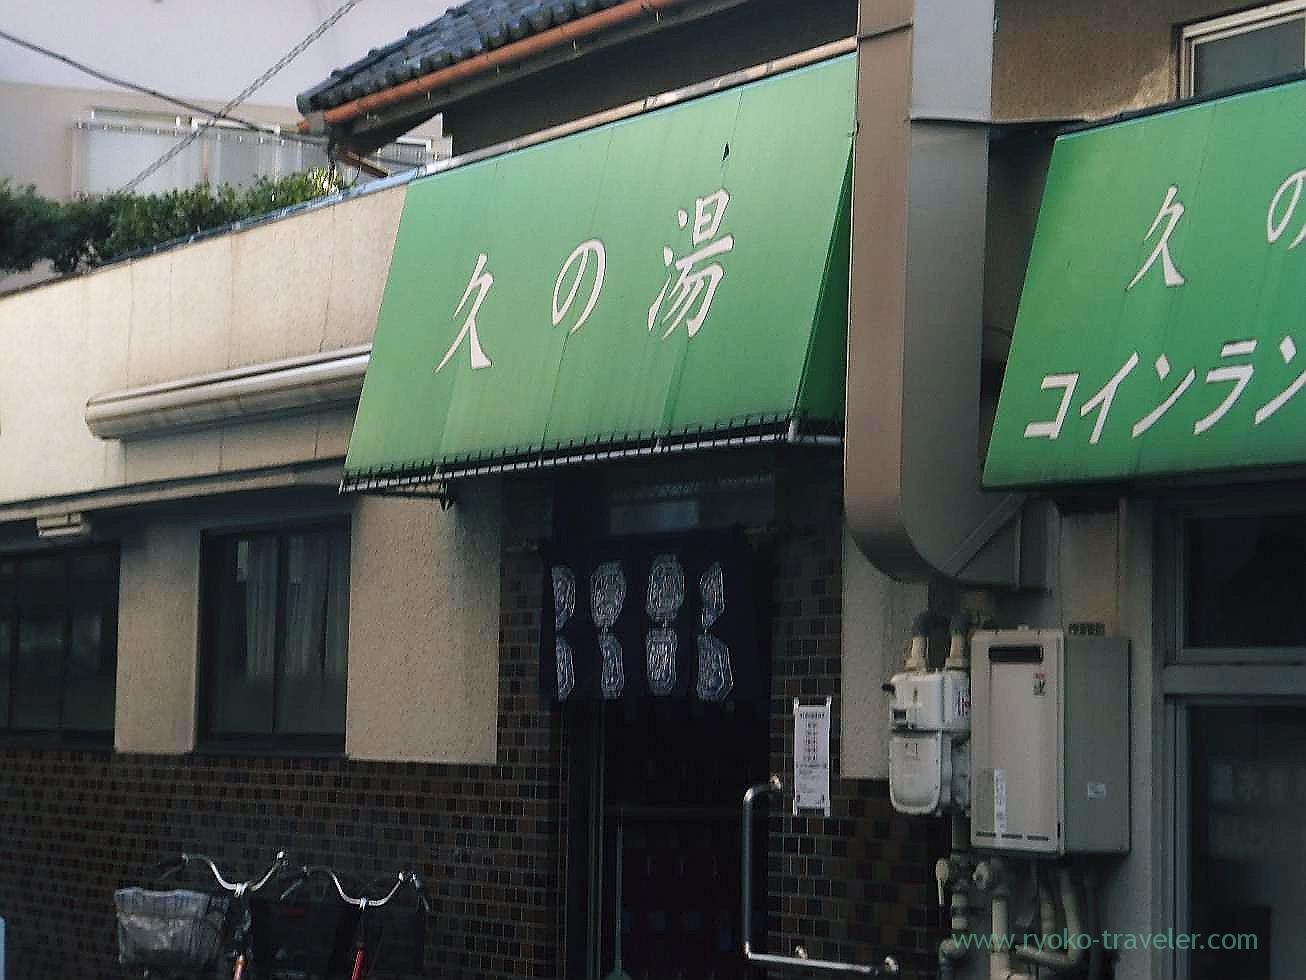 Signboard, Daini Hisanoyu (Nishi-Ojima)